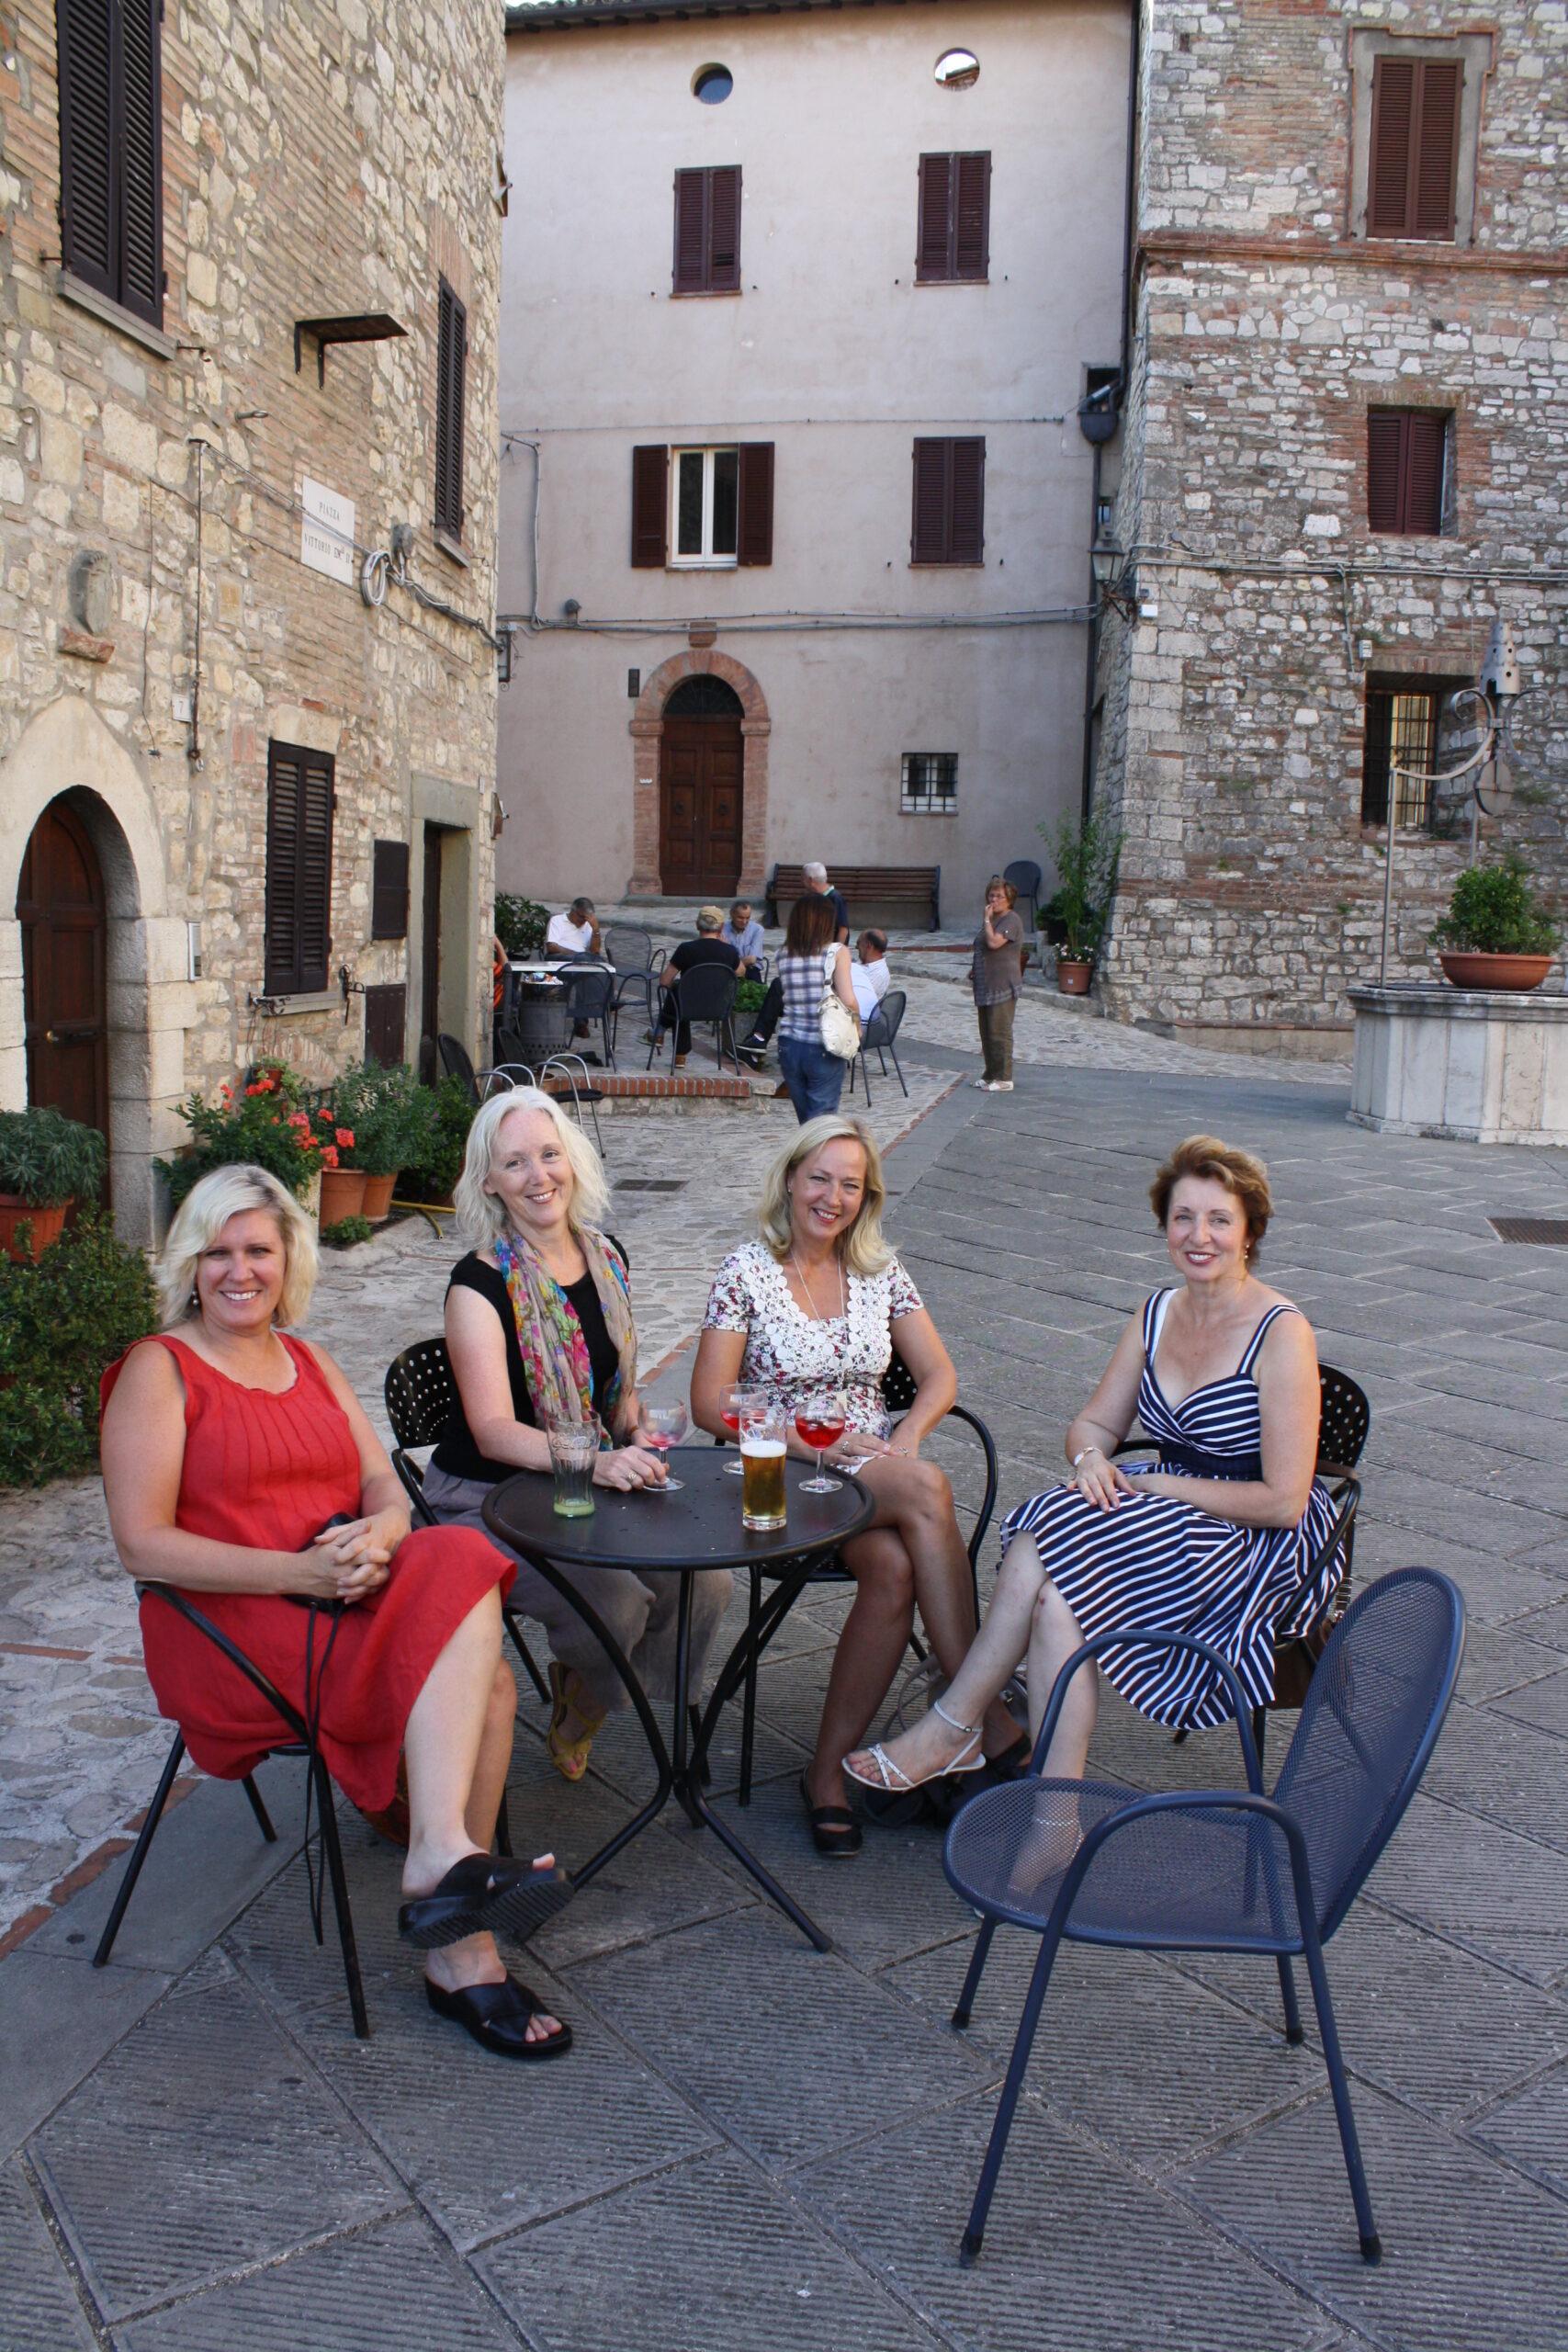 Monte Castello di Vibio Piazza